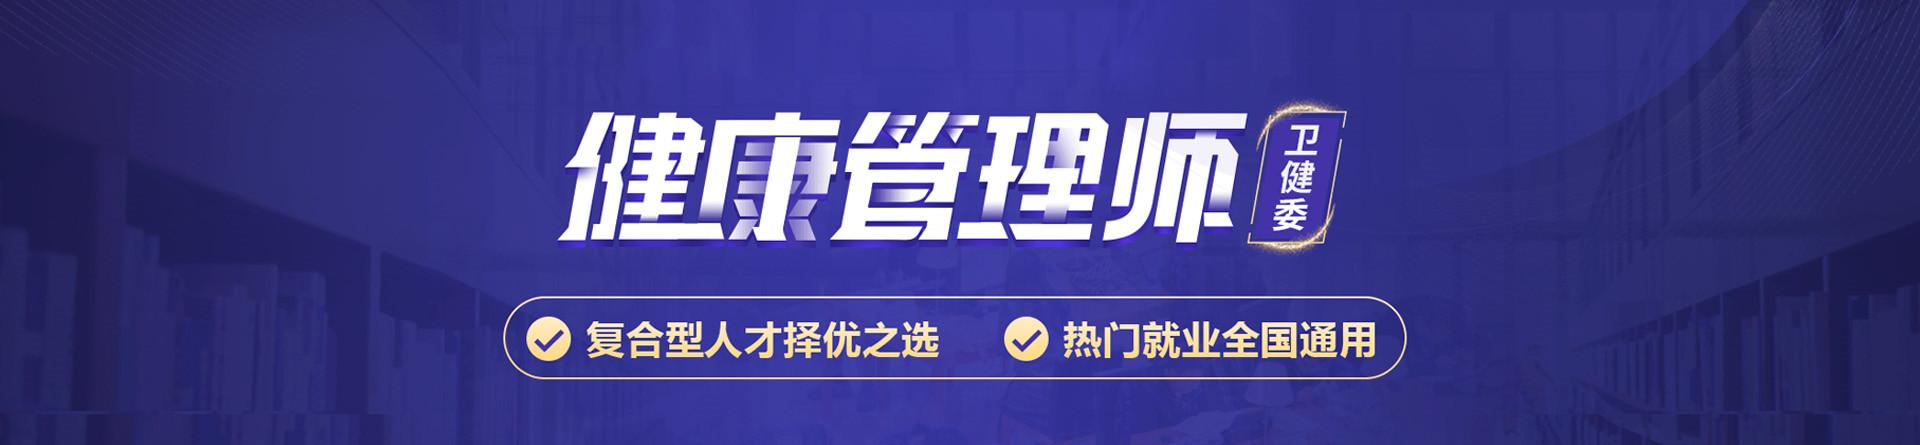 浙江杭州建学学天教育培训